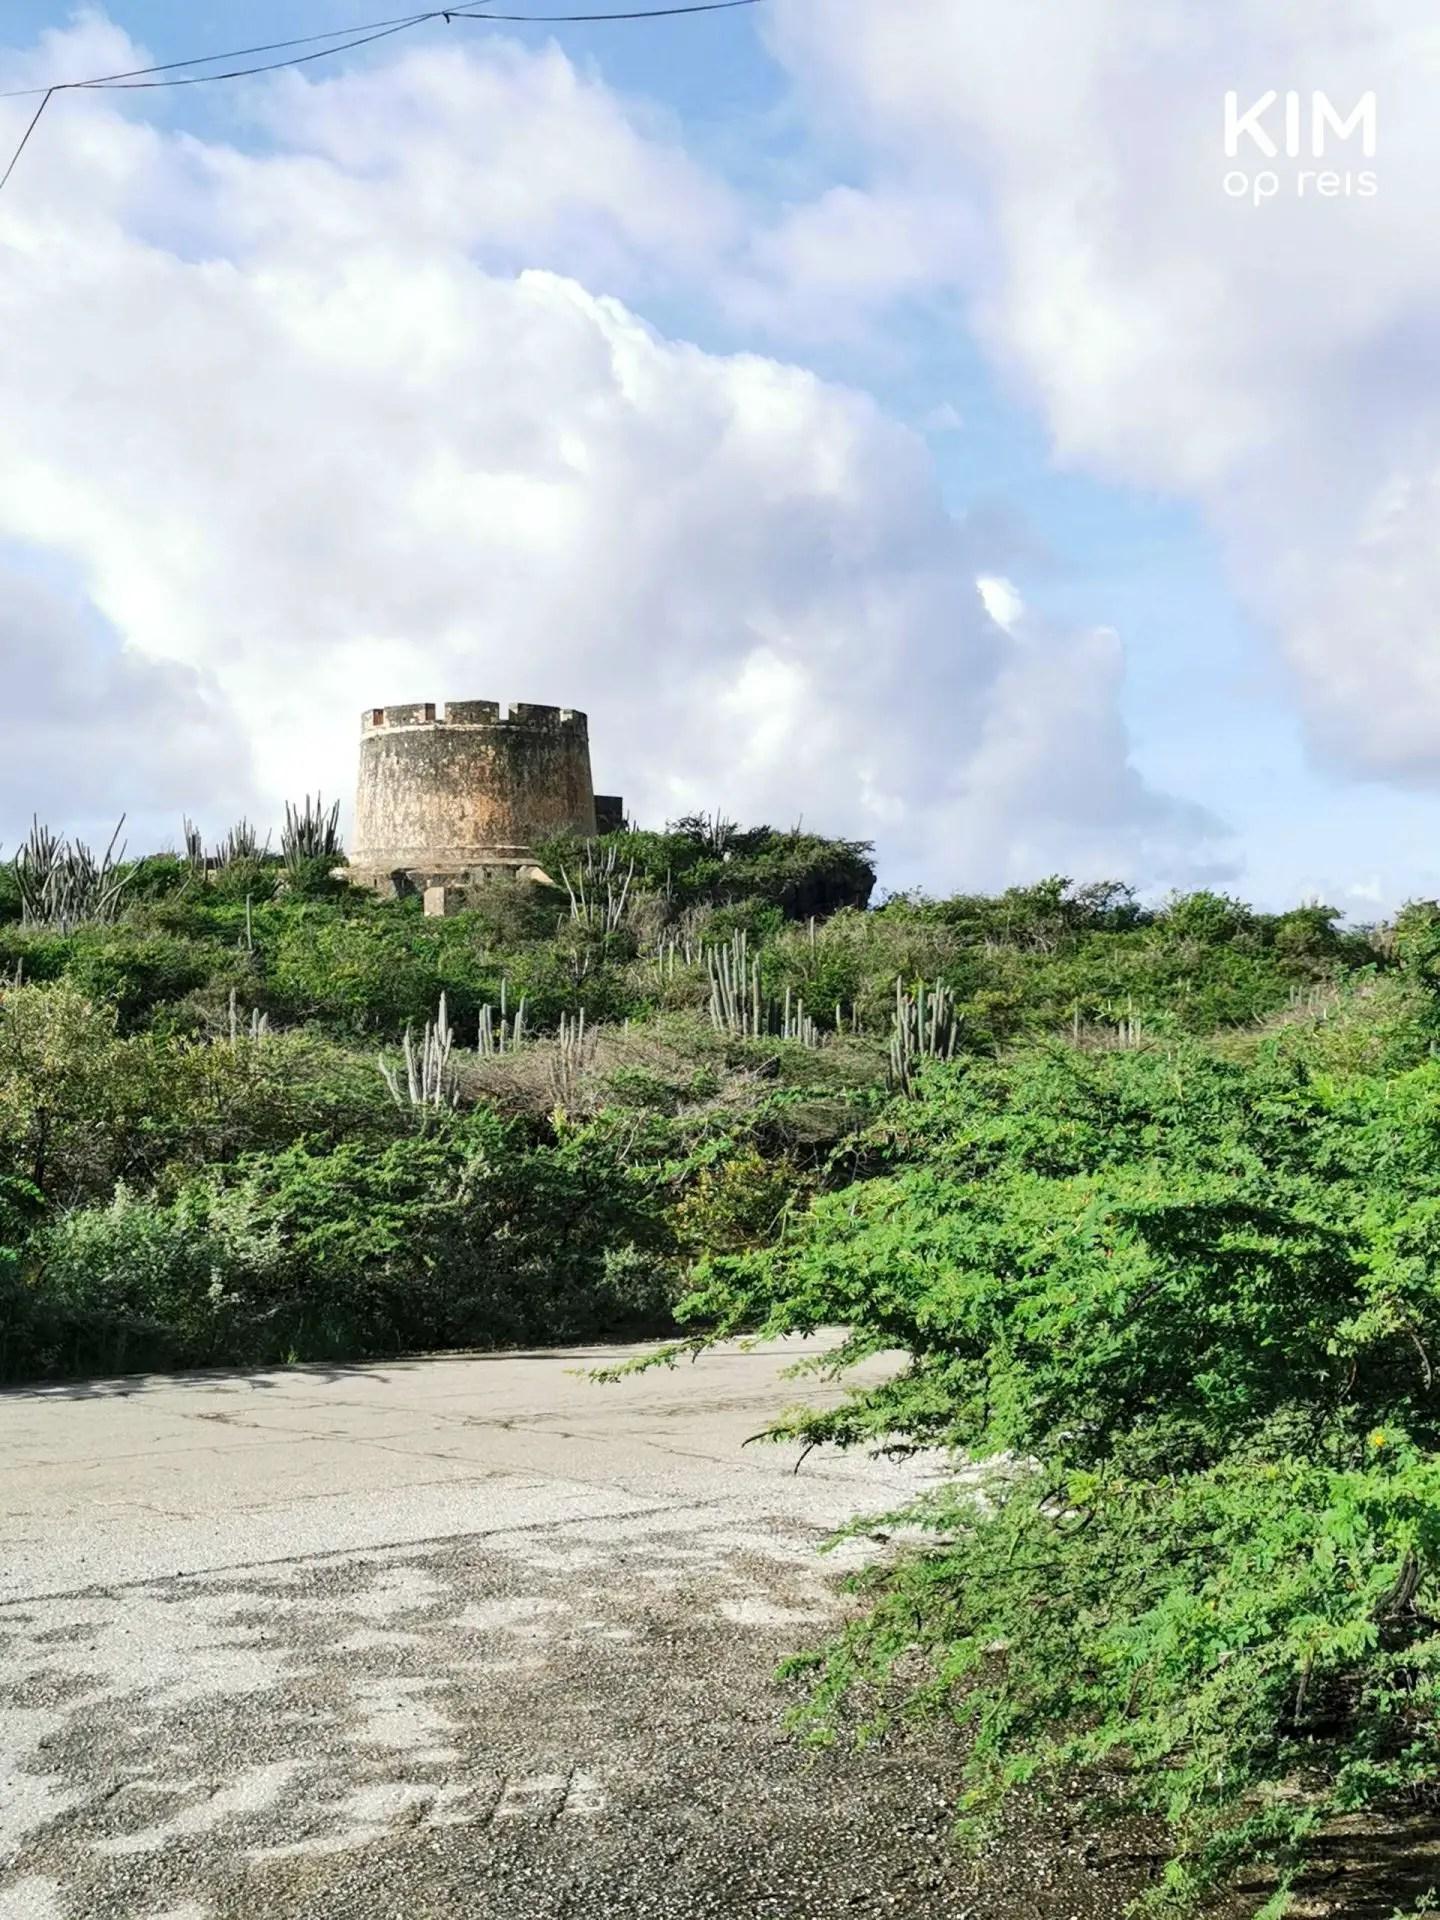 Oosten Curaçao Caracasbaai schiereiland: Fort Beekenburg vanaf de weg gezien